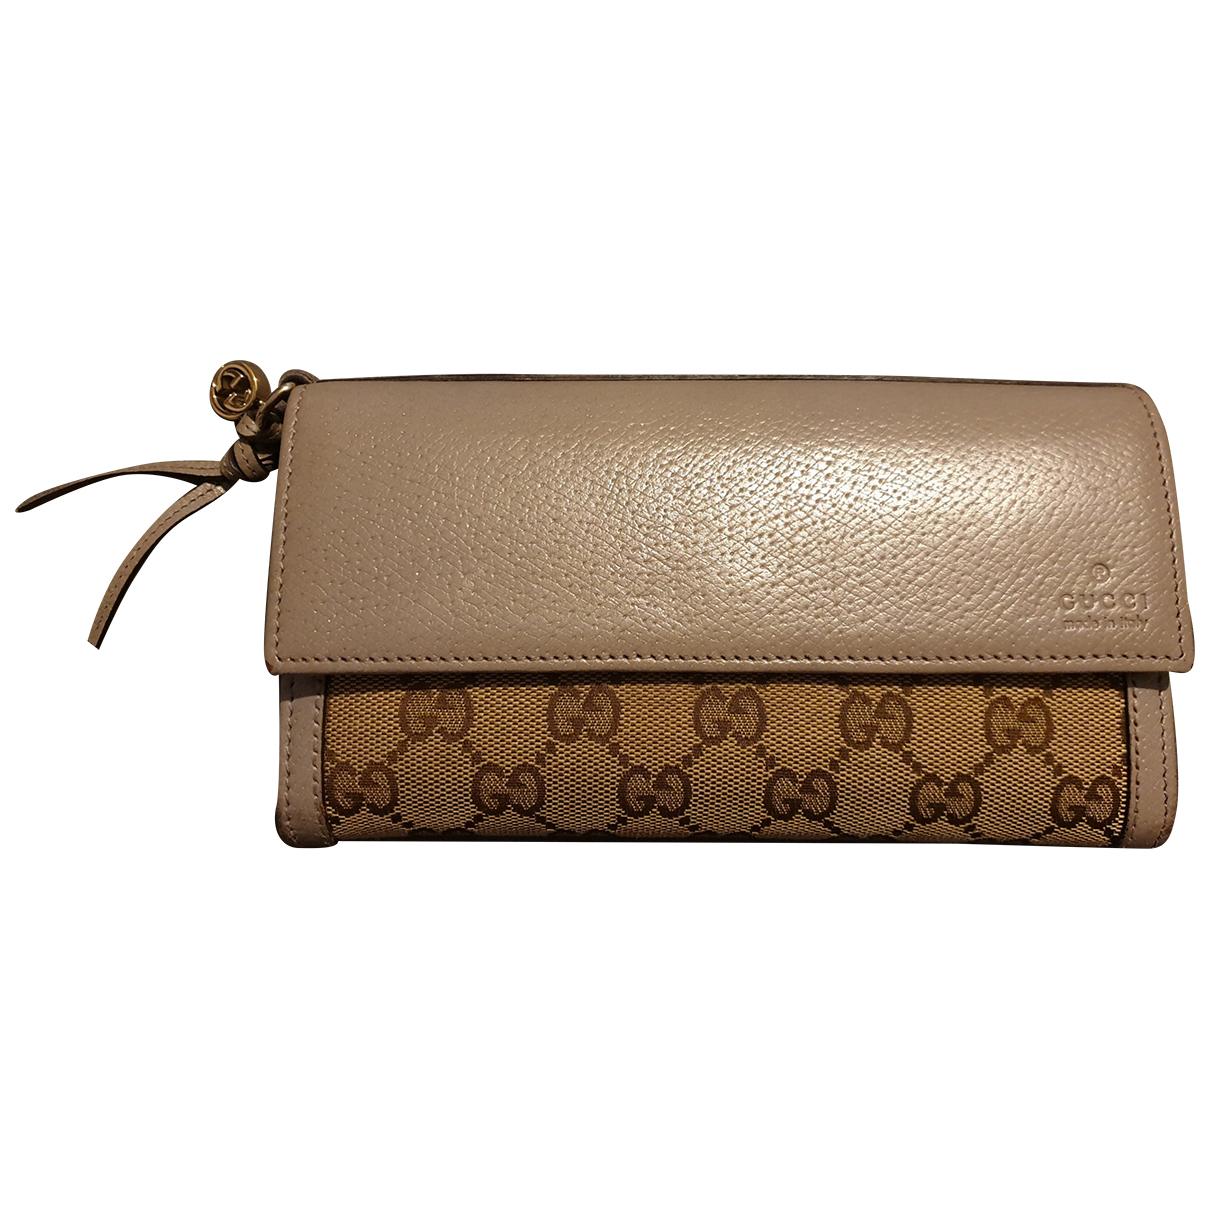 Gucci - Portefeuille Ophidia pour femme en toile - beige